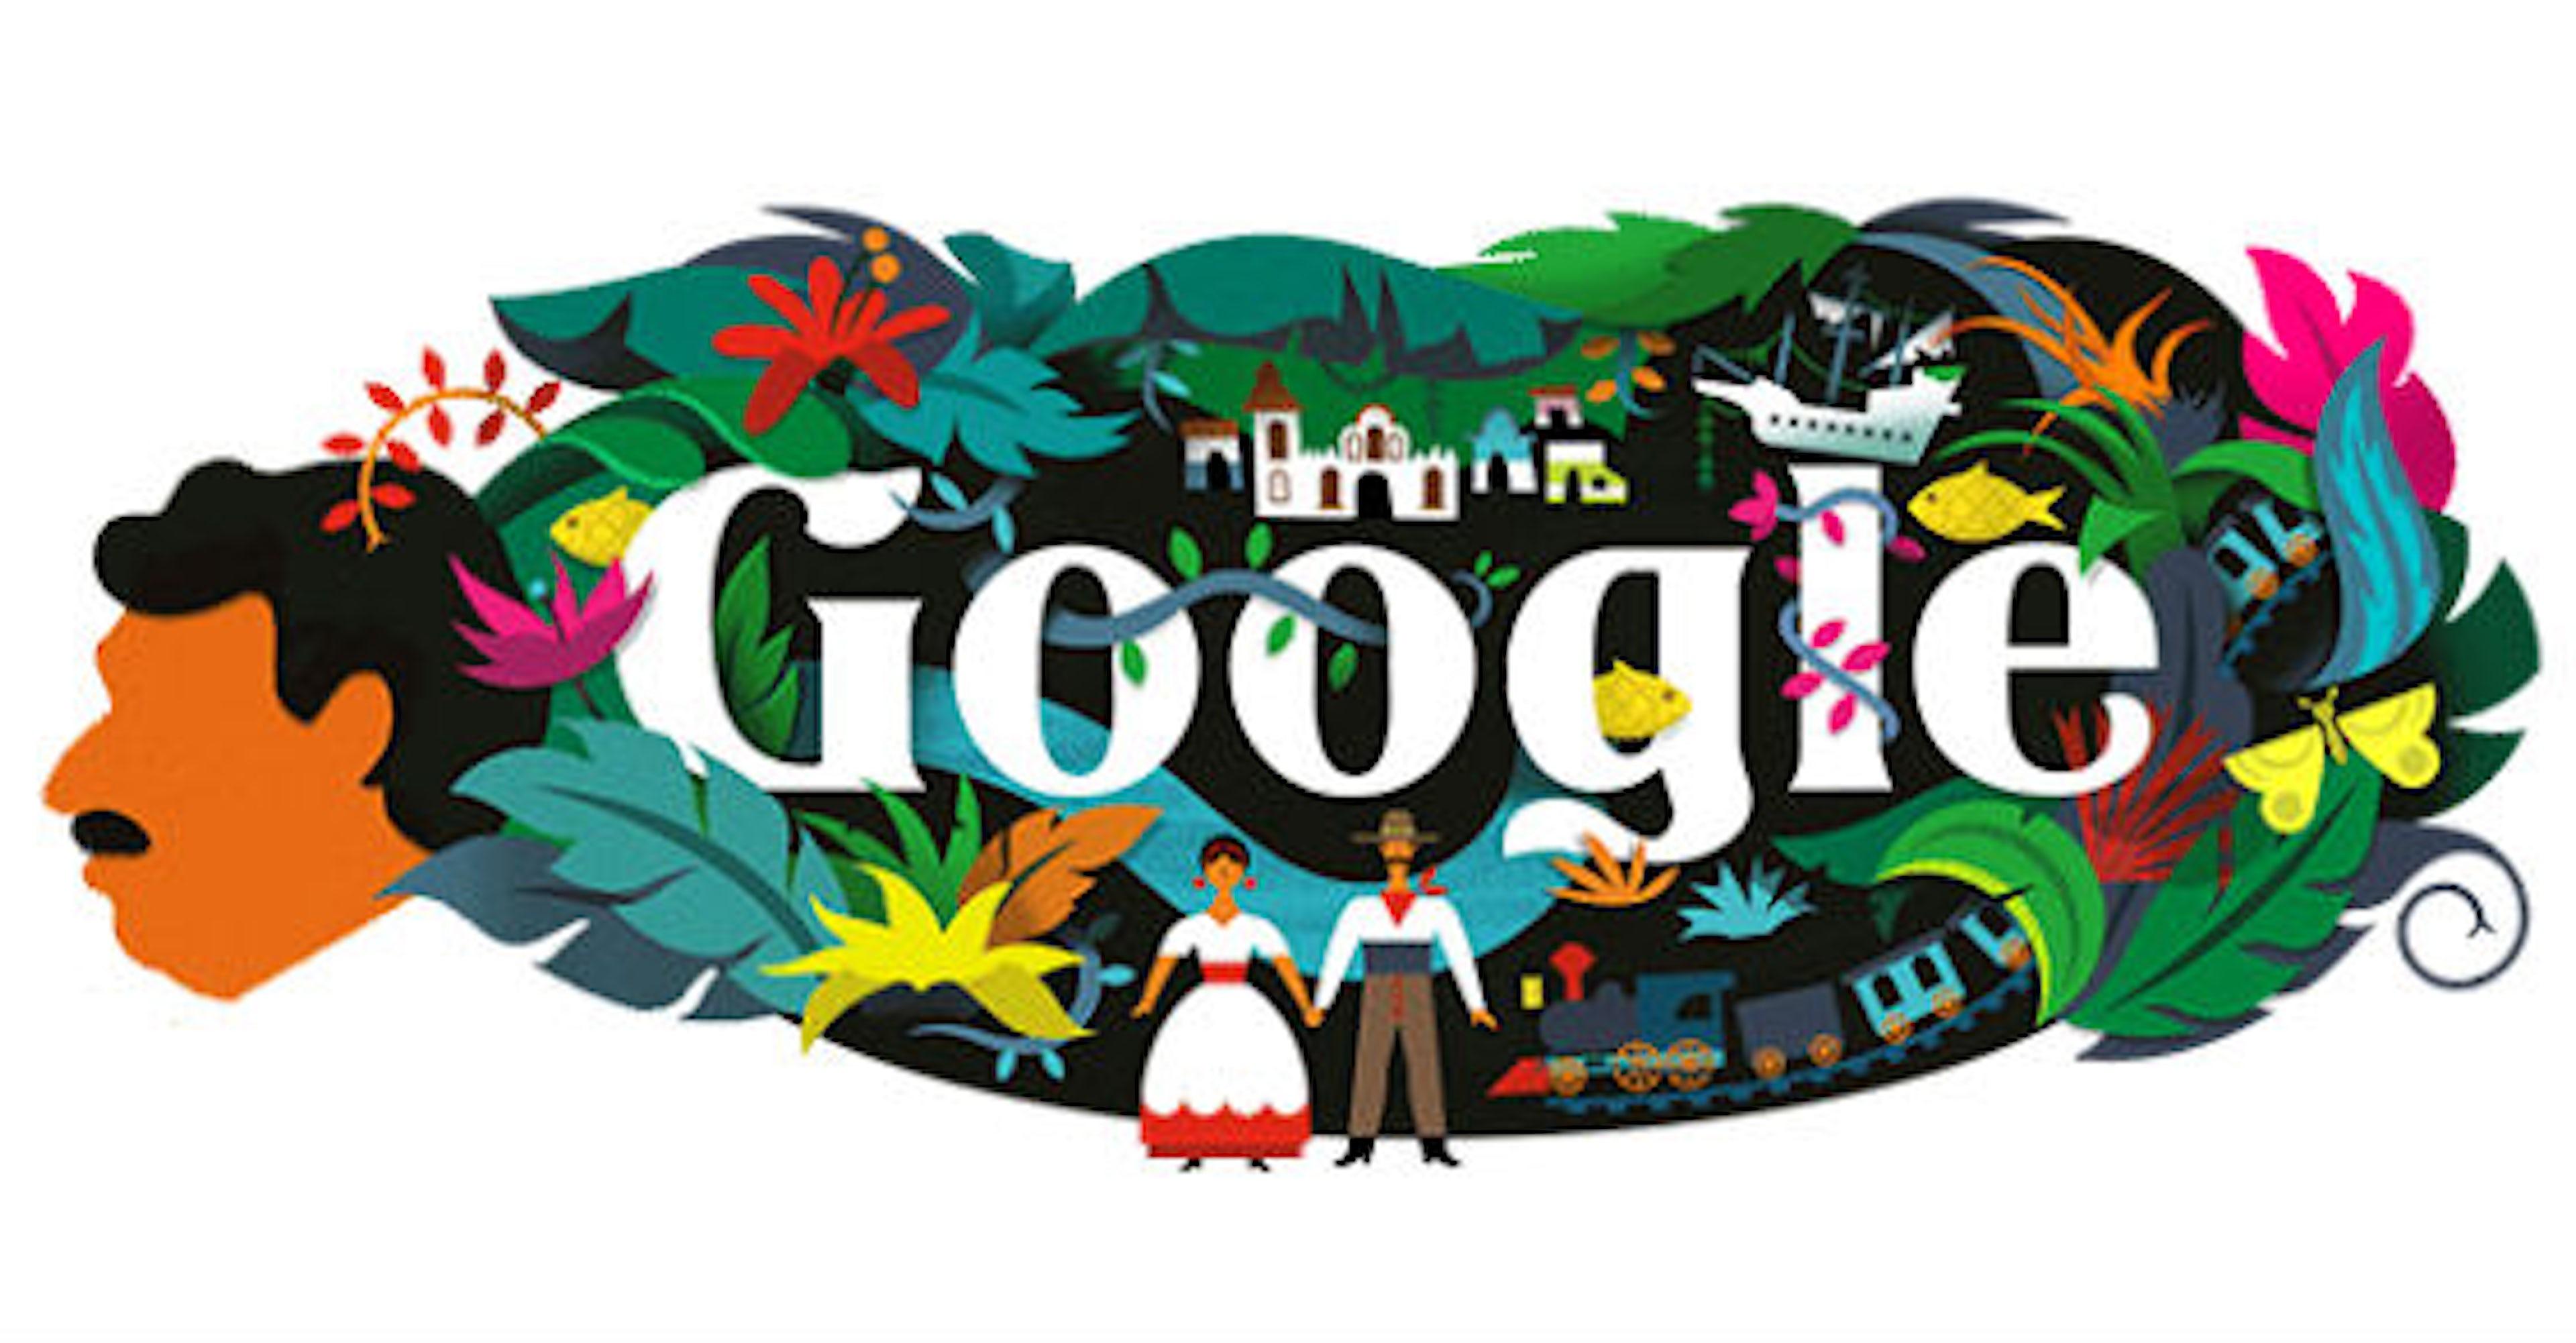 El Doodle de García Márquez que puede verse en 37 países ¿Está tu país en la lista?